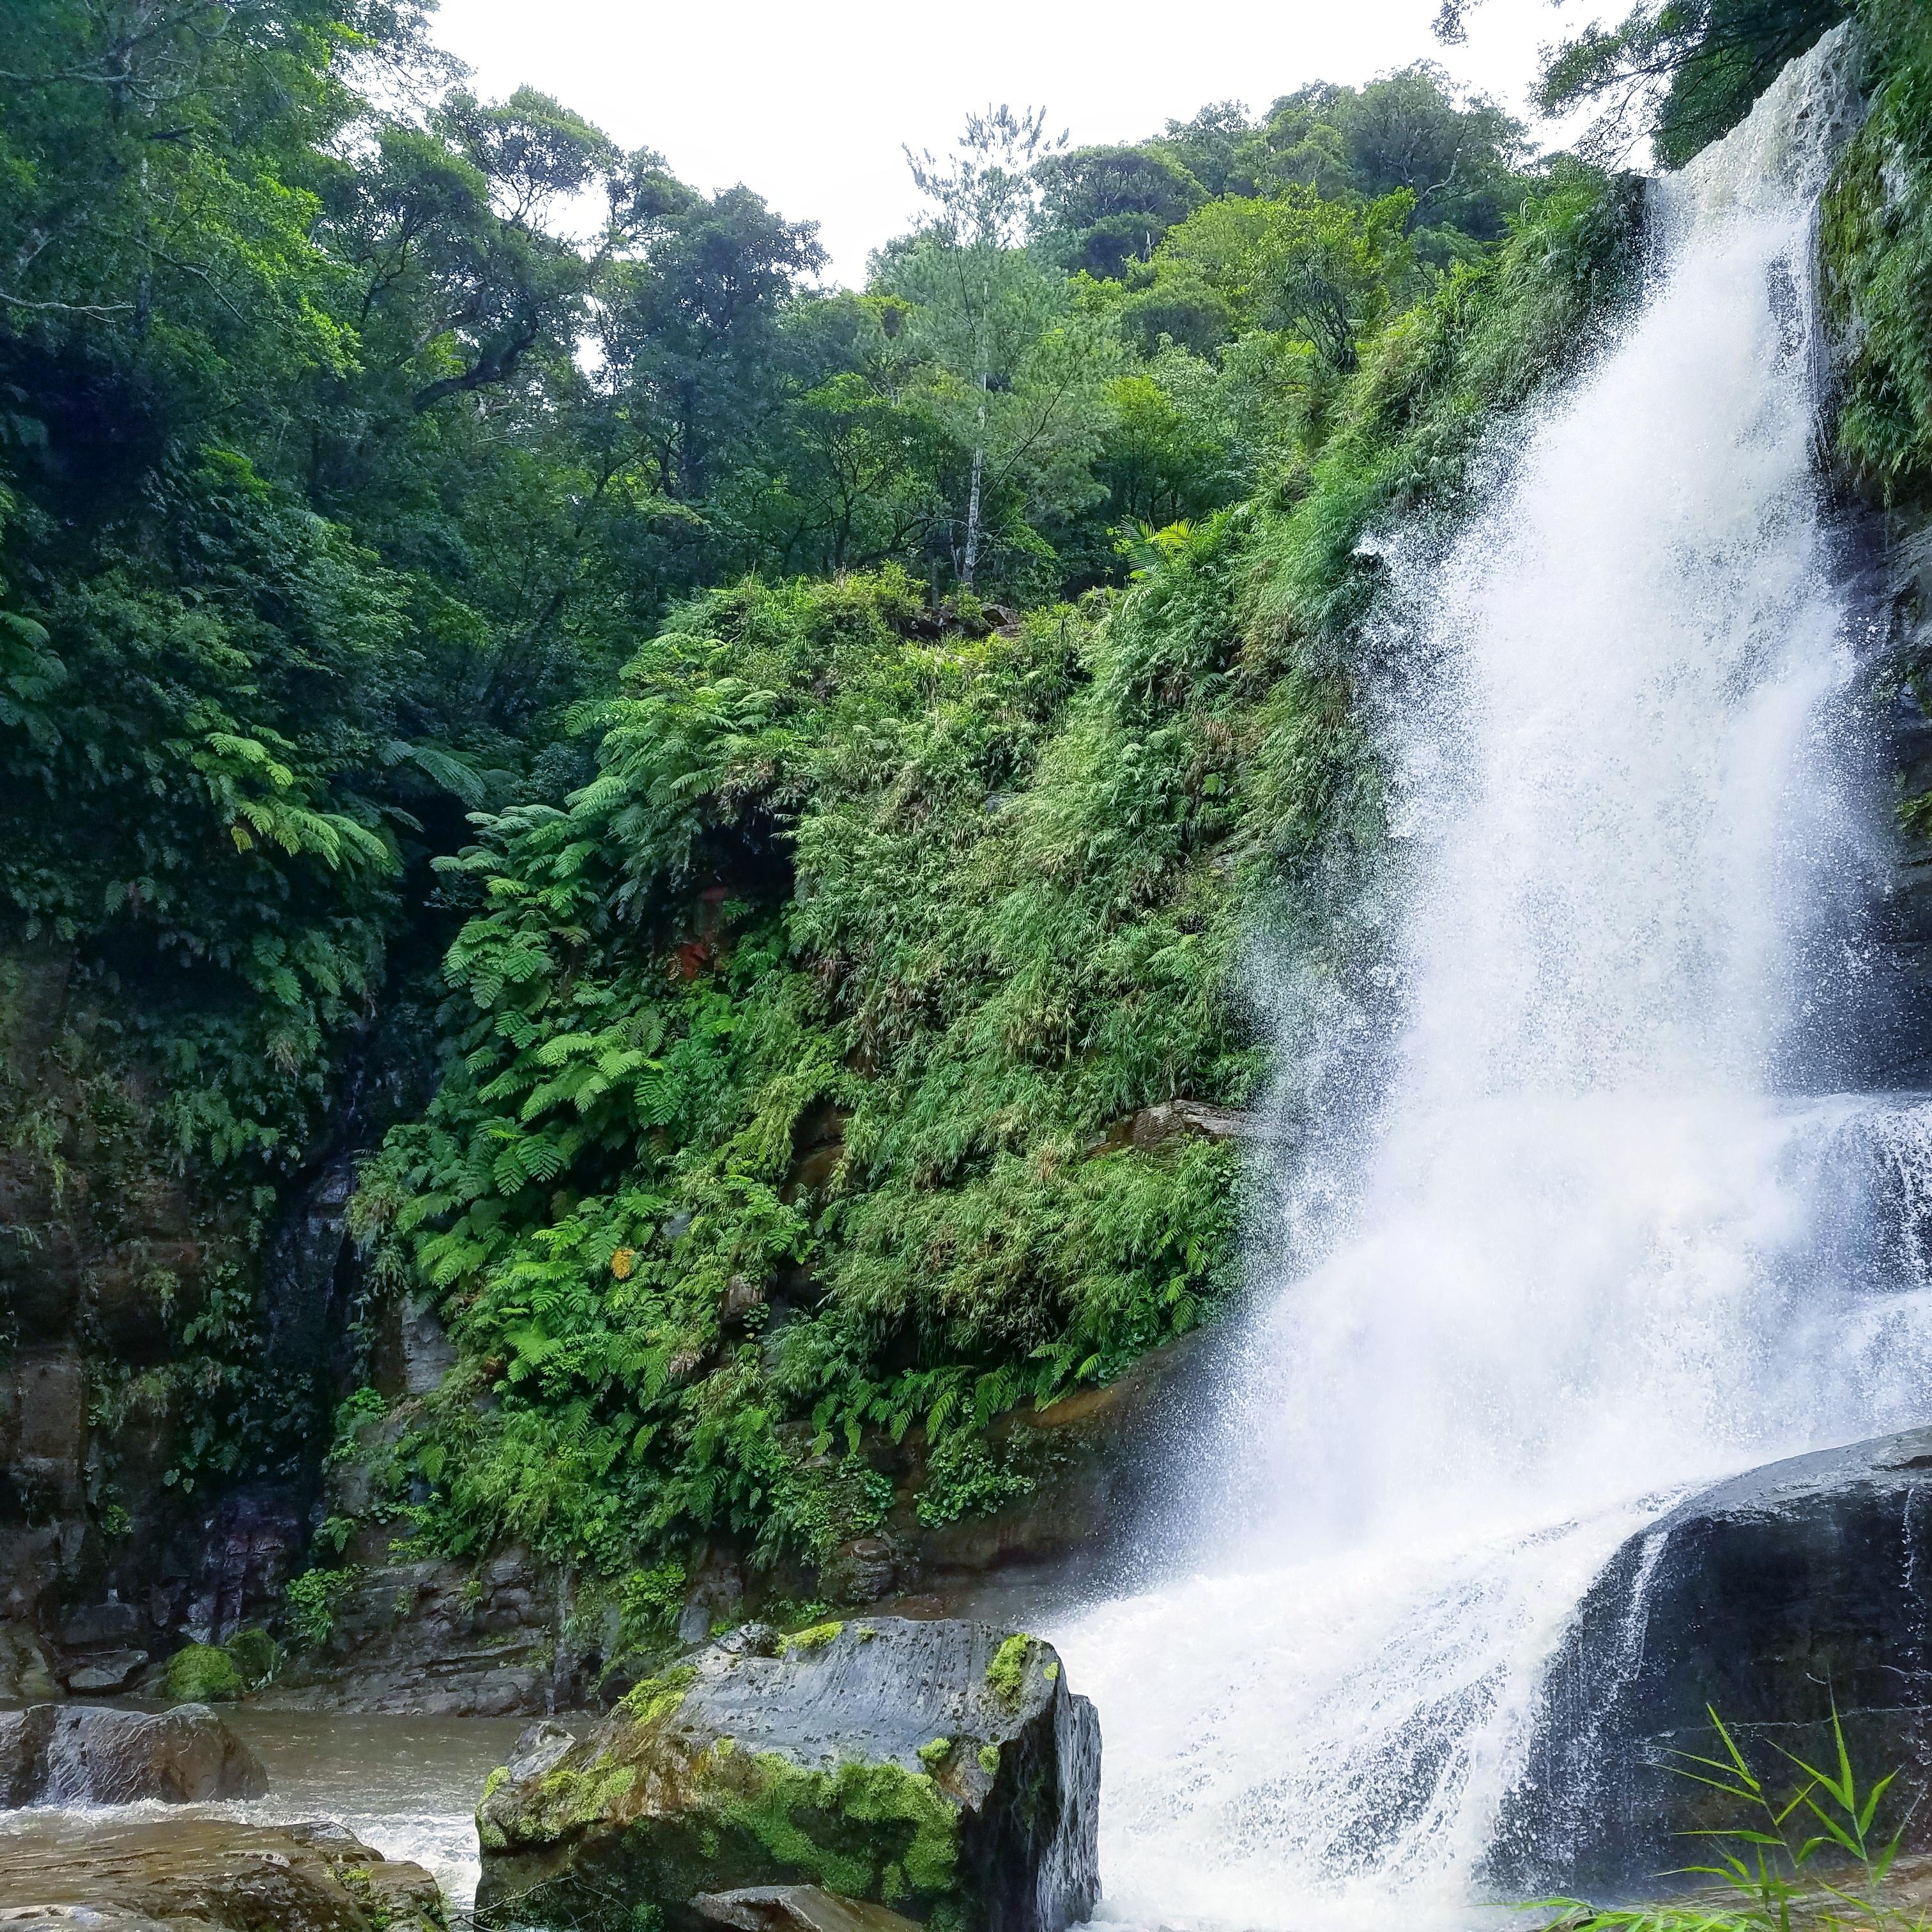 増水時のナーラの滝